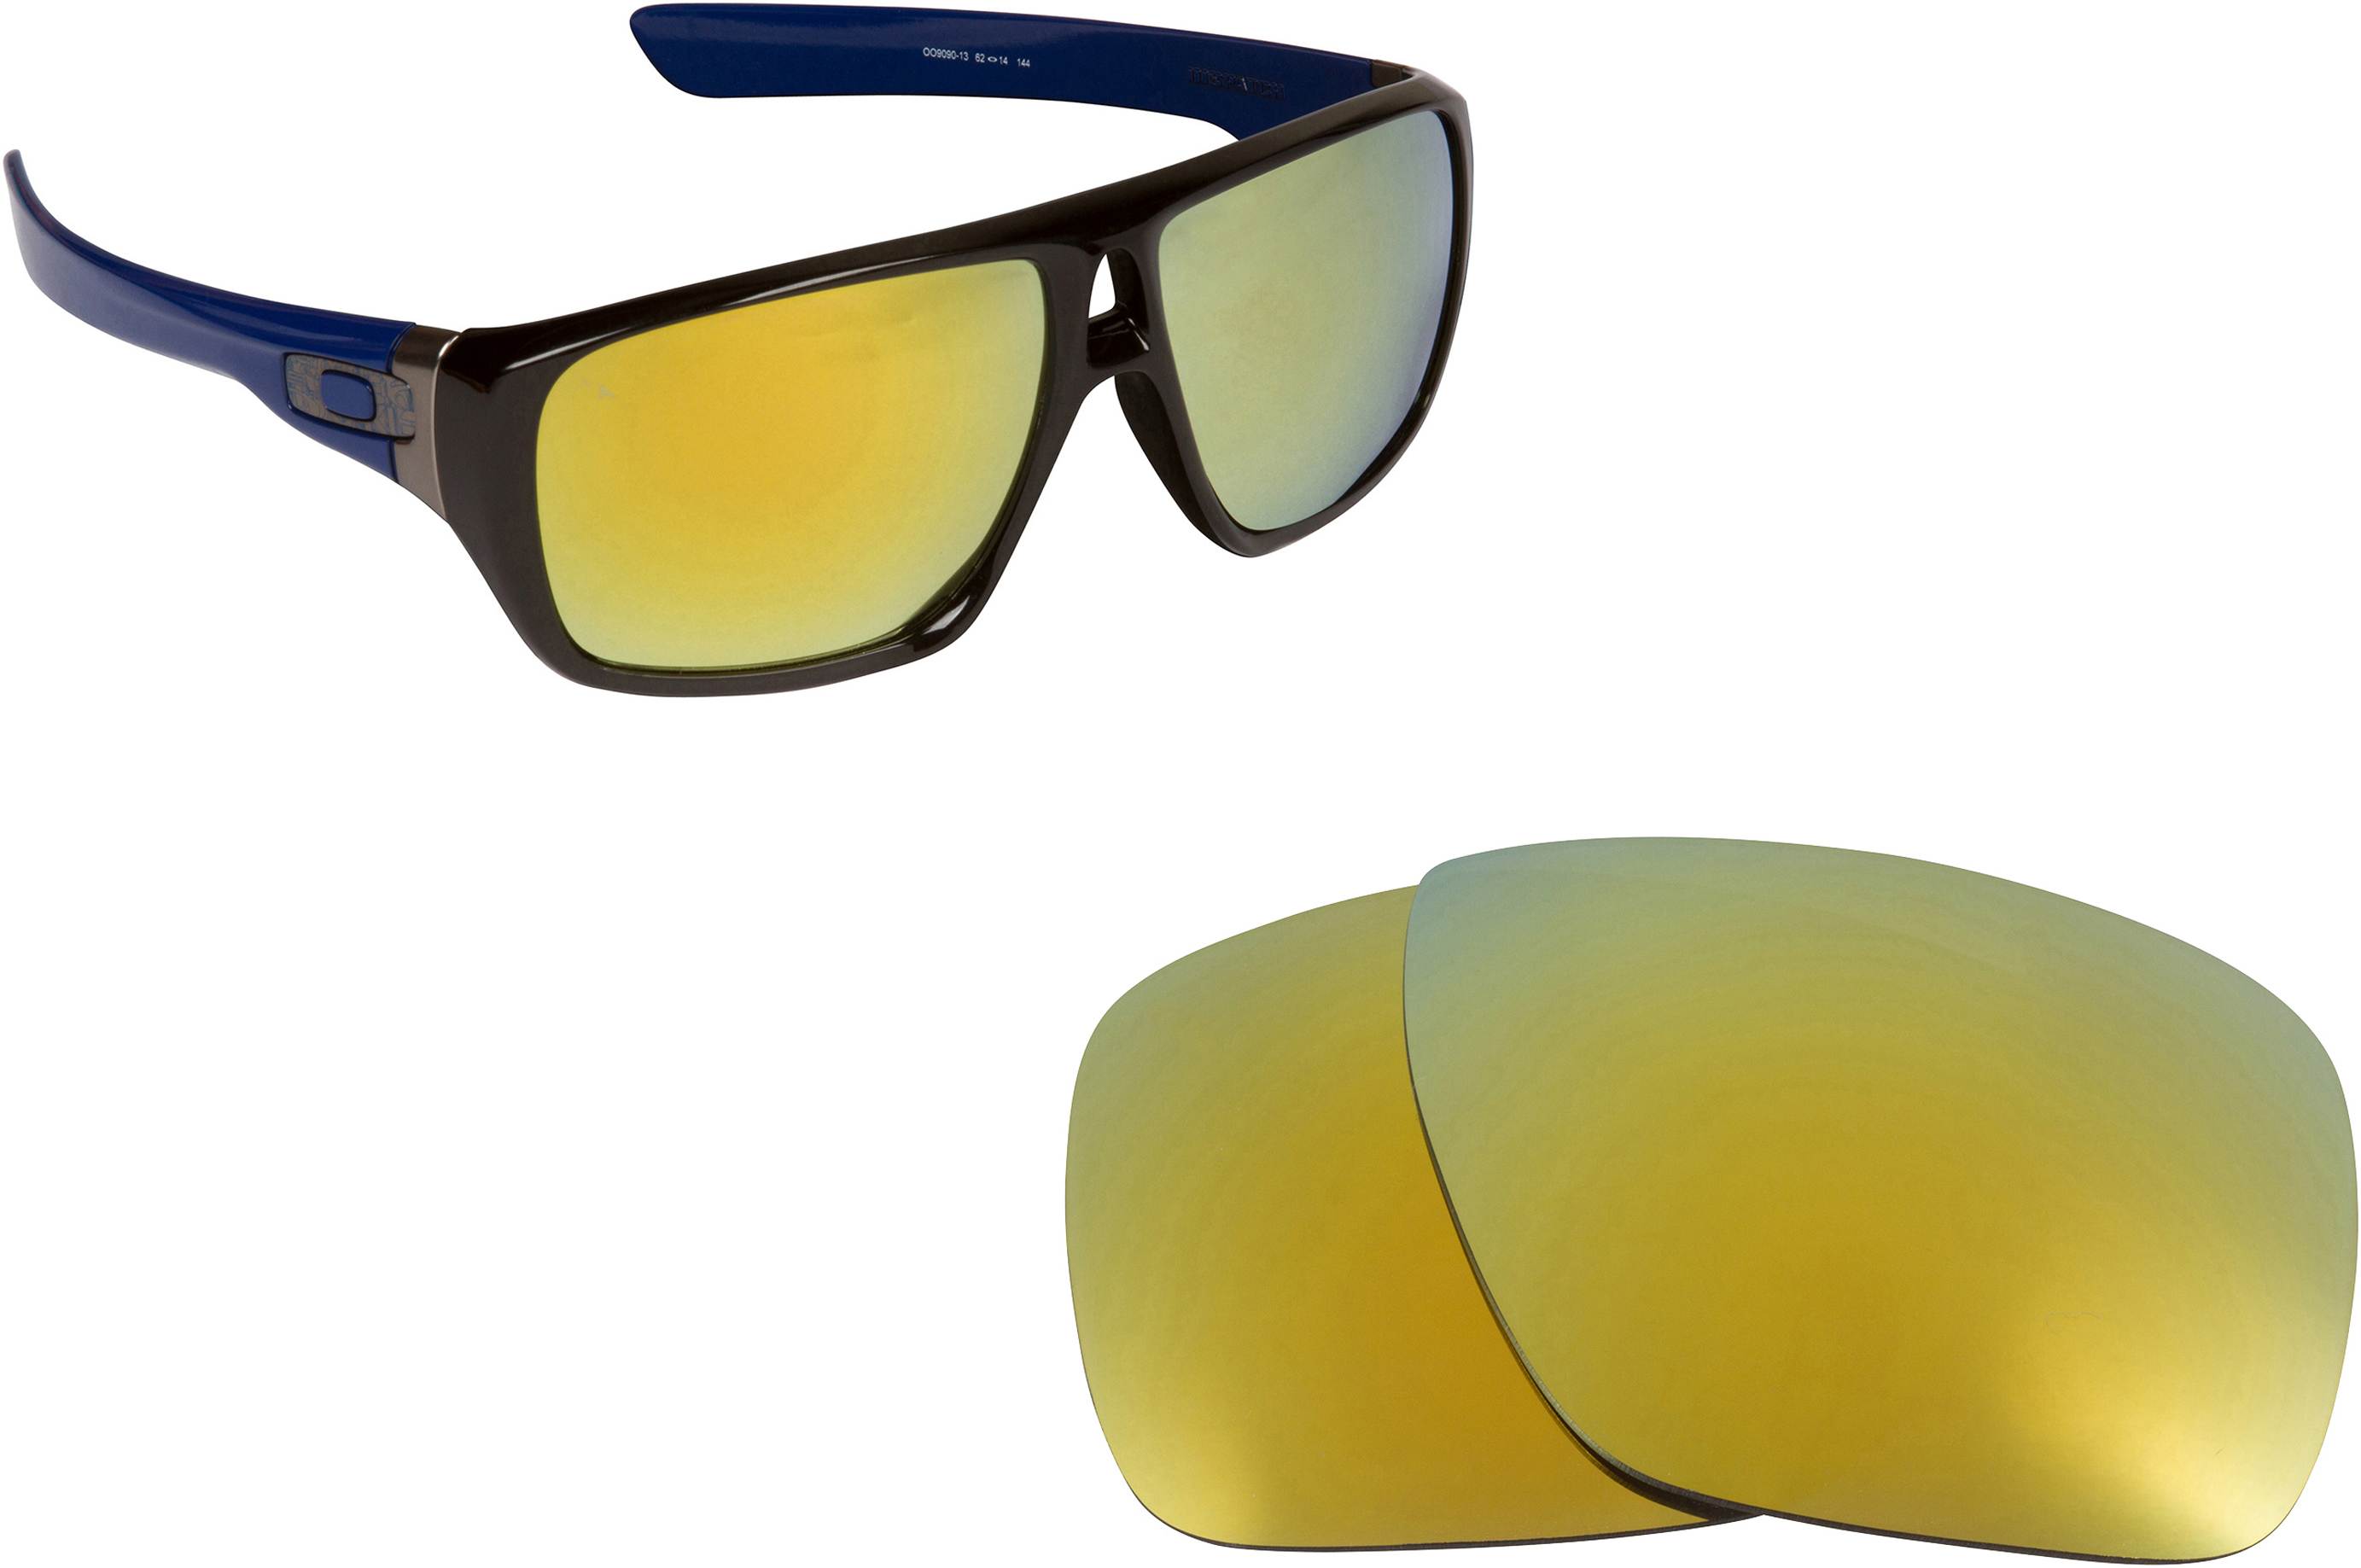 9fac313f67e Oakley Sunglasses Green Lenses. Polarized Replacement ...